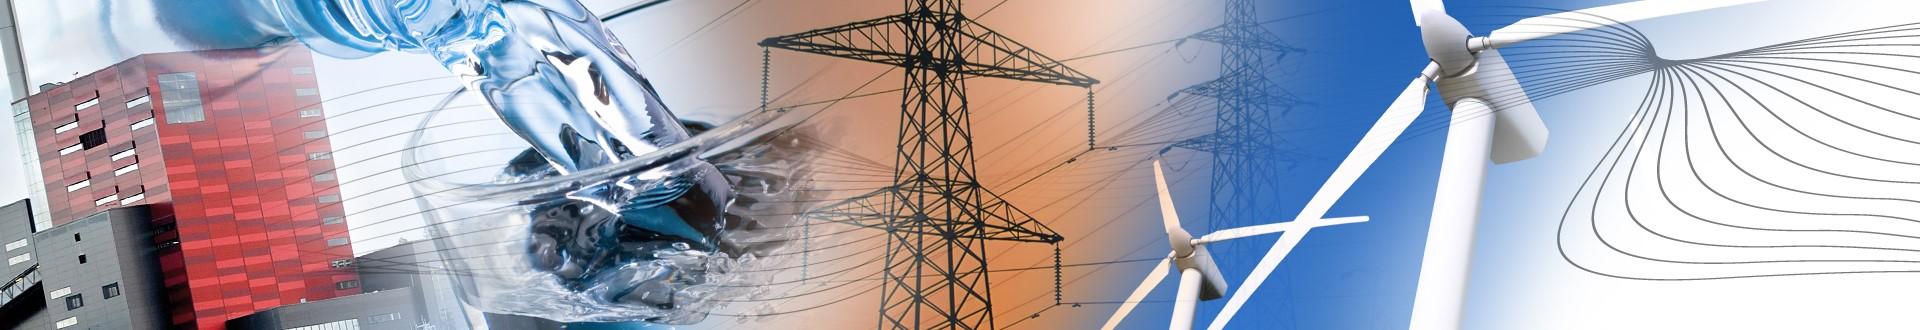 Energi- och processindustrier